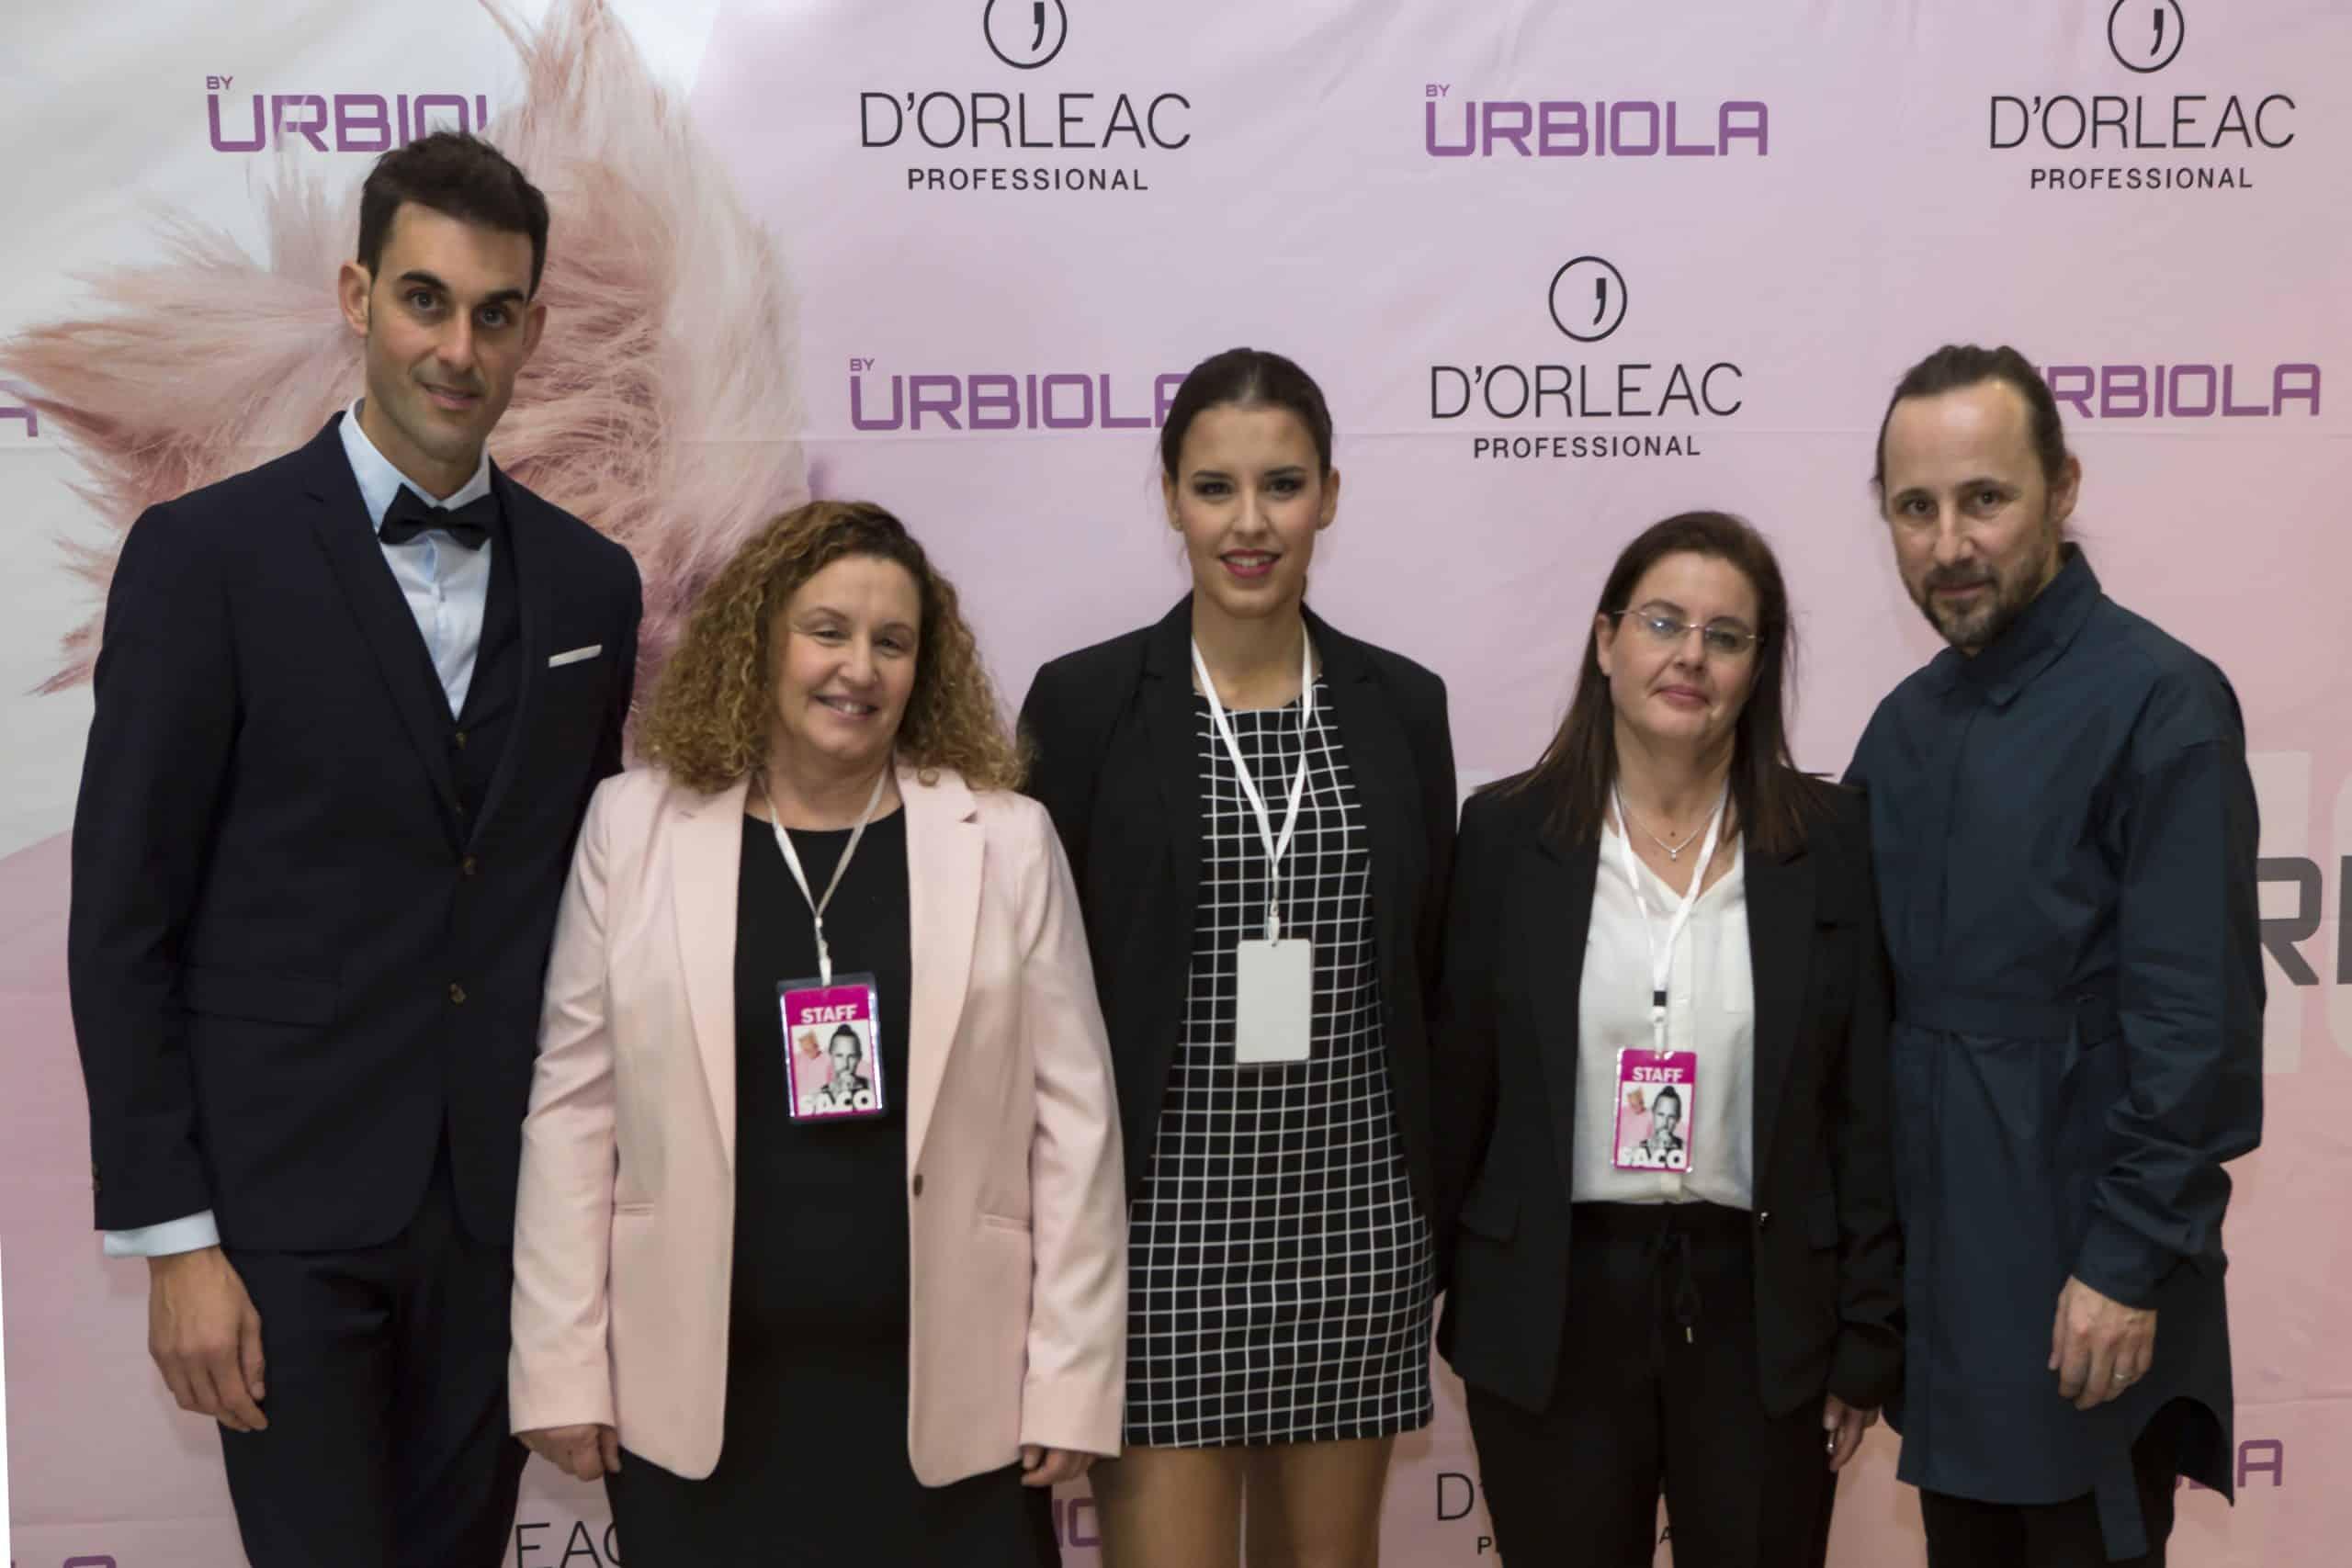 De izquierda a derecha: Javier Carcedo (director RRHH), Belén Aldecoa (directora de desarrollo), Pilar Ávila (responsable eventos), Marta Aldecoa (responsable financiera) y Richard Ashforth (SACO).